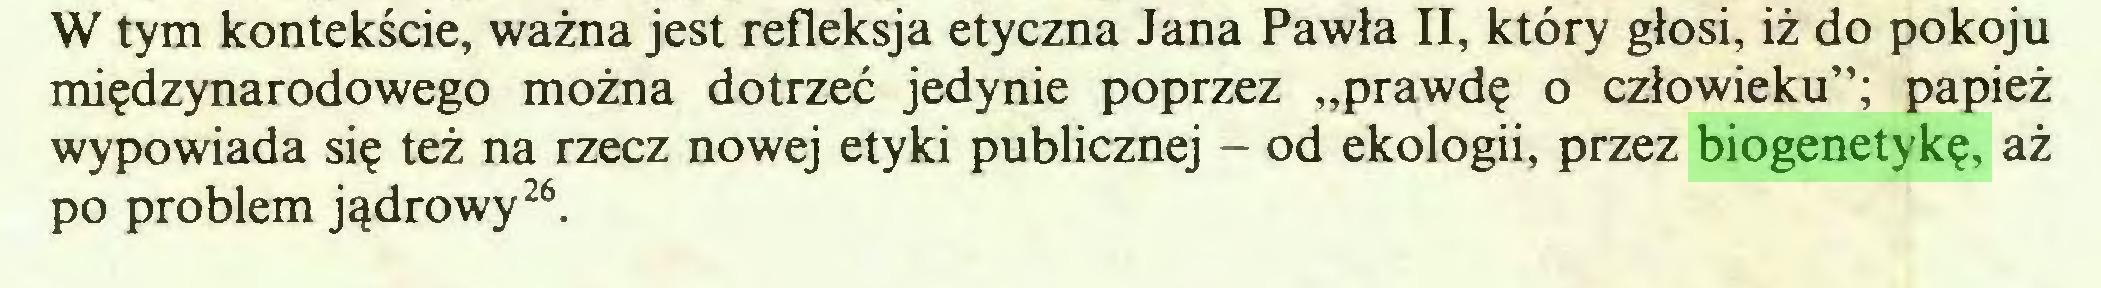 """(...) W tym kontekście, ważna jest refleksja etyczna Jana Pawła II, który głosi, iż do pokoju międzynarodowego można dotrzeć jedynie poprzez """"prawdę o człowieku""""; papież wypowiada się też na rzecz nowej etyki publicznej - od ekologii, przez biogenetykę, aż po problem jądrowy26..."""